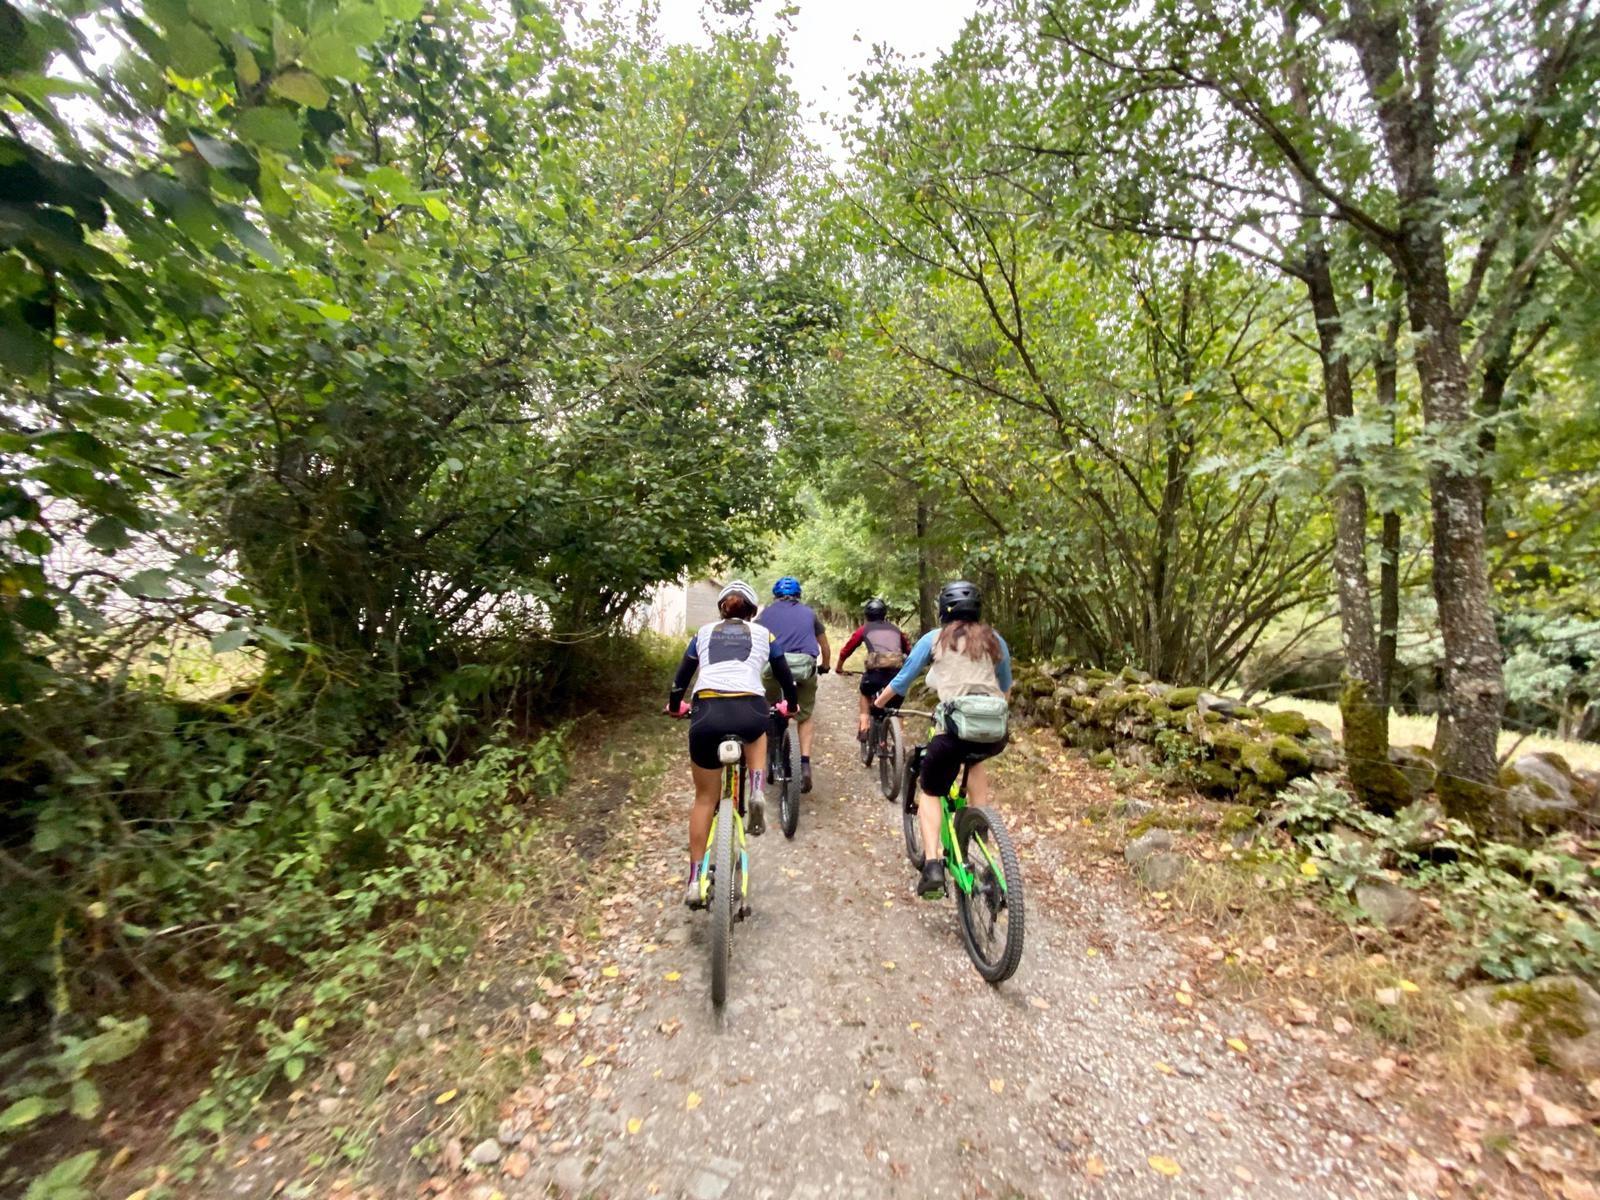 Alquiler de bicicletas eléctricas ebike mountain bike | Rutas para grupos en El Bierzo